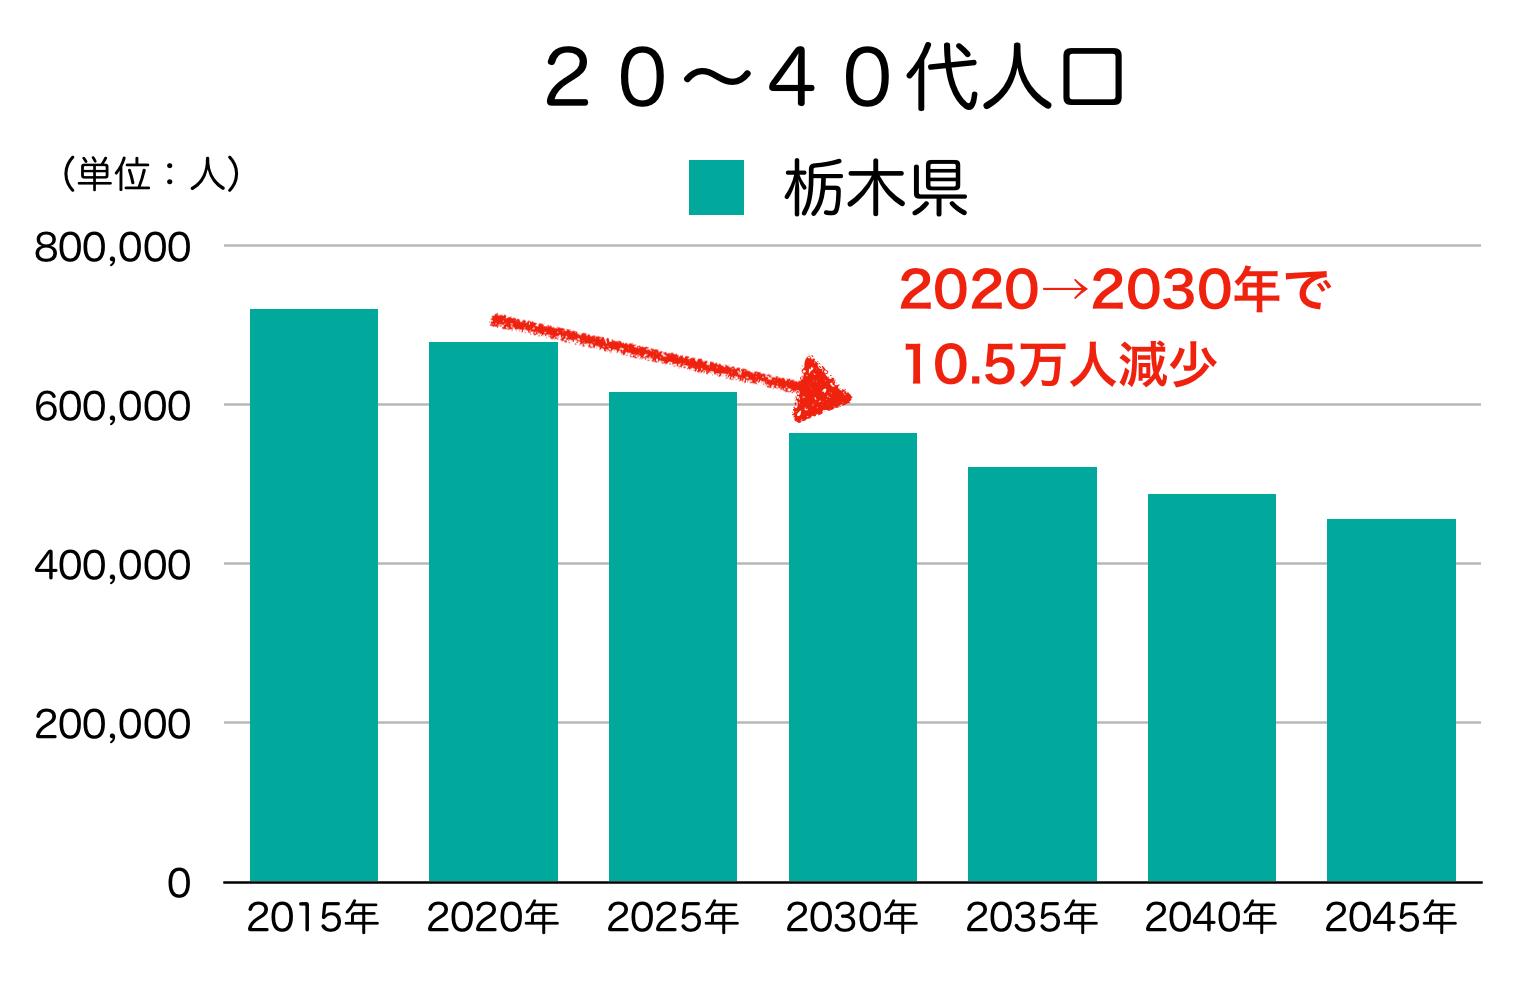 栃木県の20-40代人口の見通し